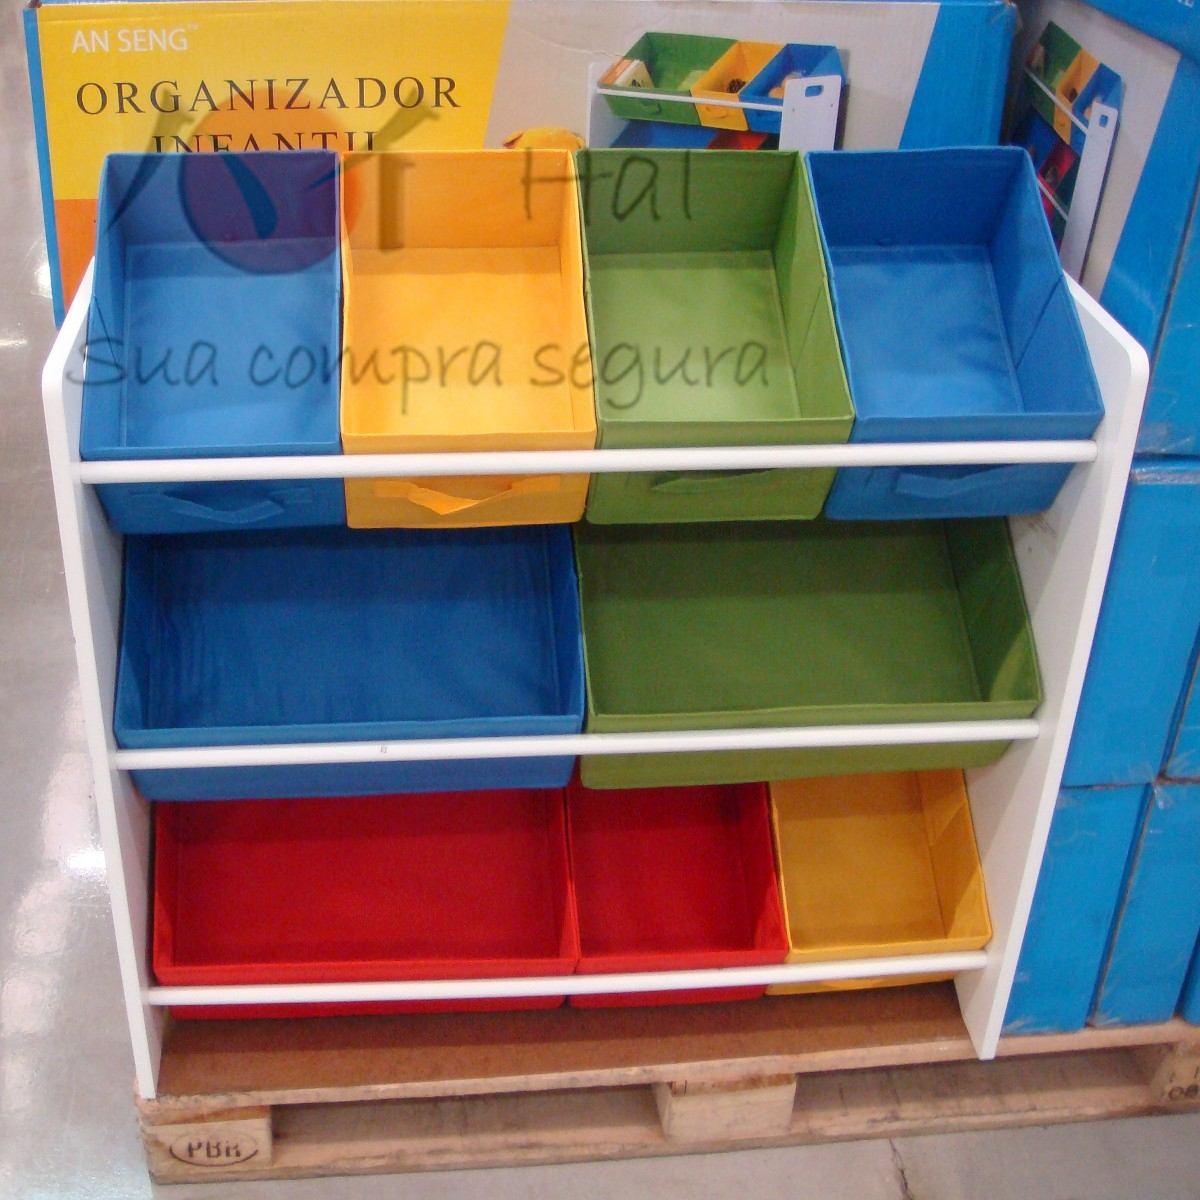 Organizador Caixa Bancada Gavetas Armario Infantil Brinquedo R$ 328,00 em Mercado Livre